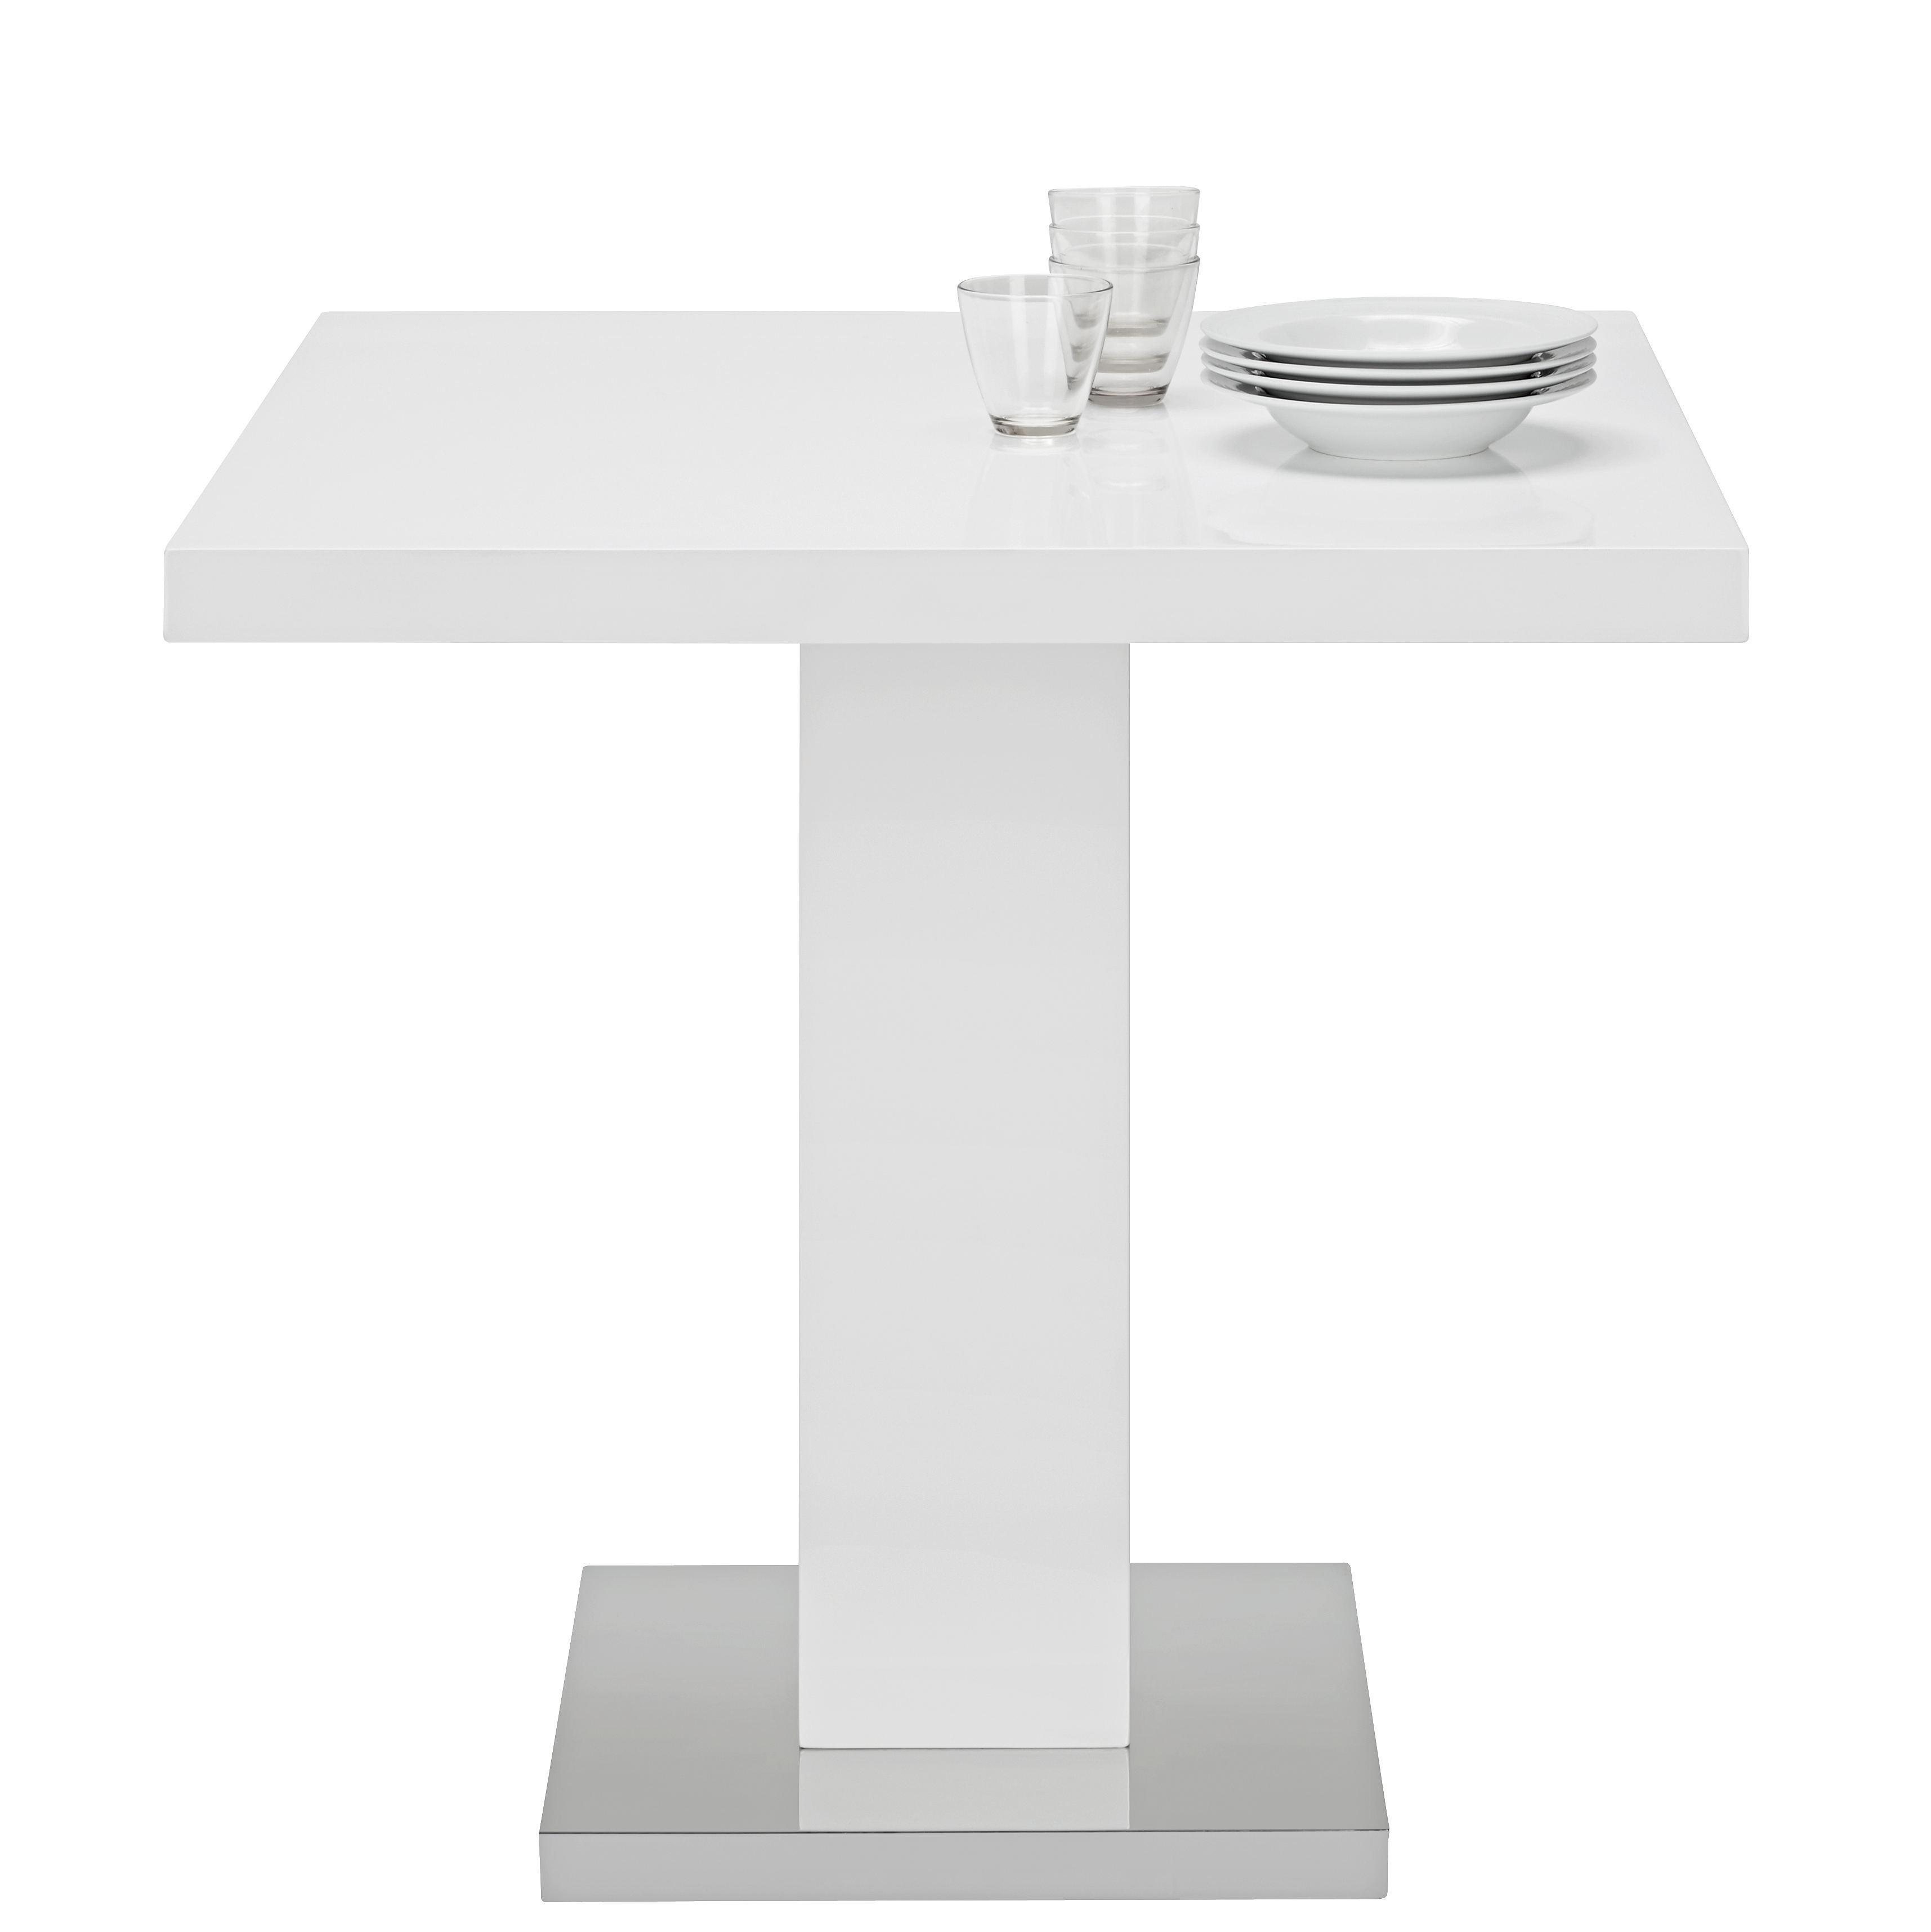 68 esstisch uno uno esstisch balian m bel h ffner esstisch rio uno s ulentisch 120 x 80 x 78. Black Bedroom Furniture Sets. Home Design Ideas